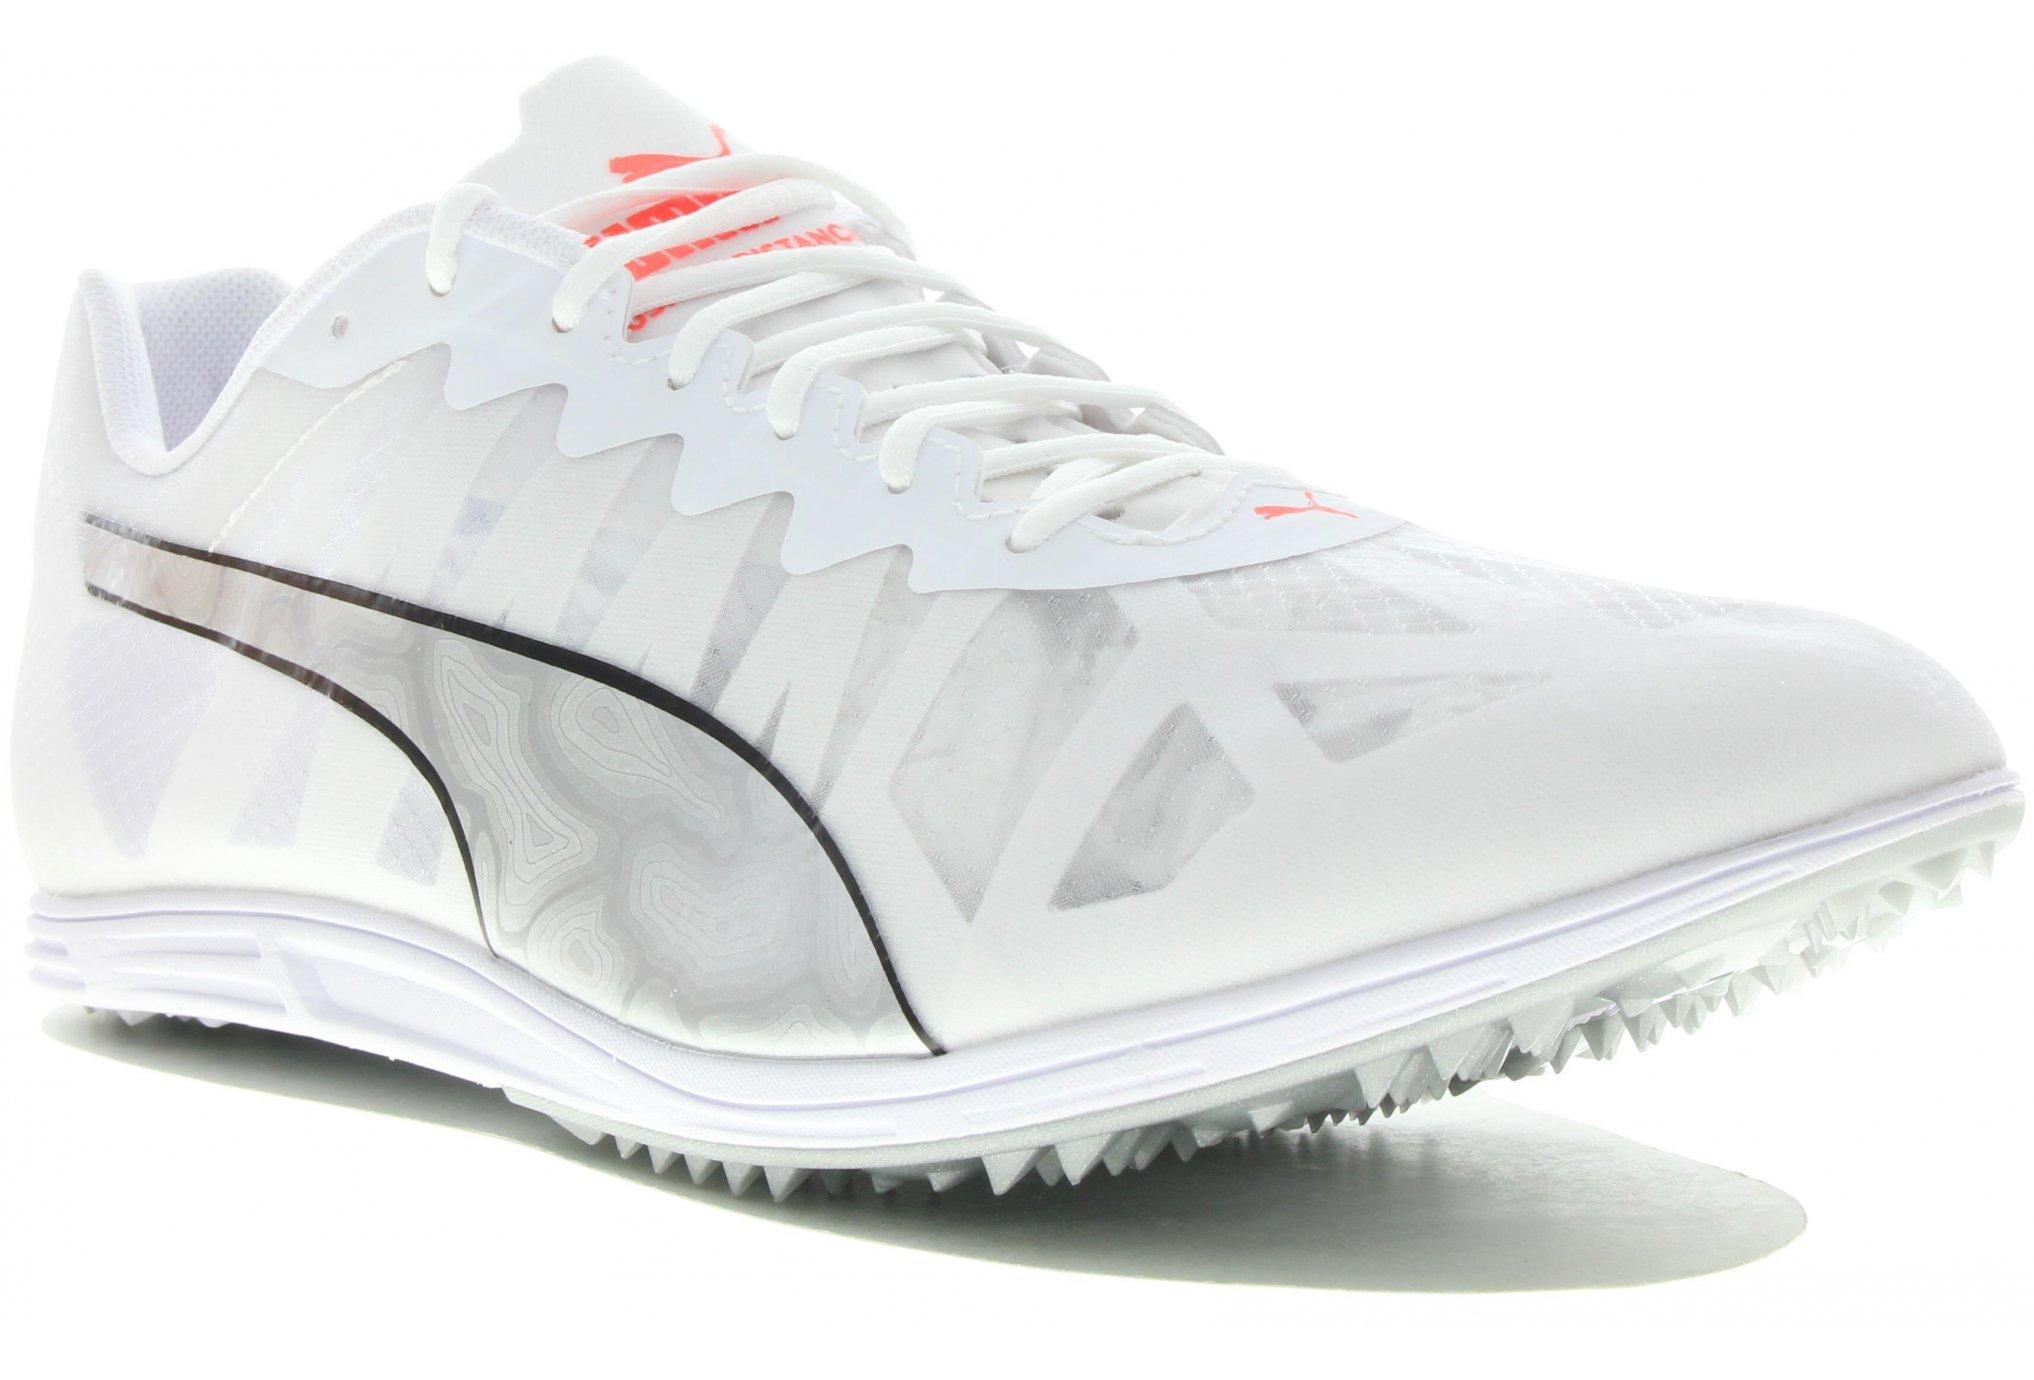 Puma evoSPEED Distance 9 M Chaussures homme